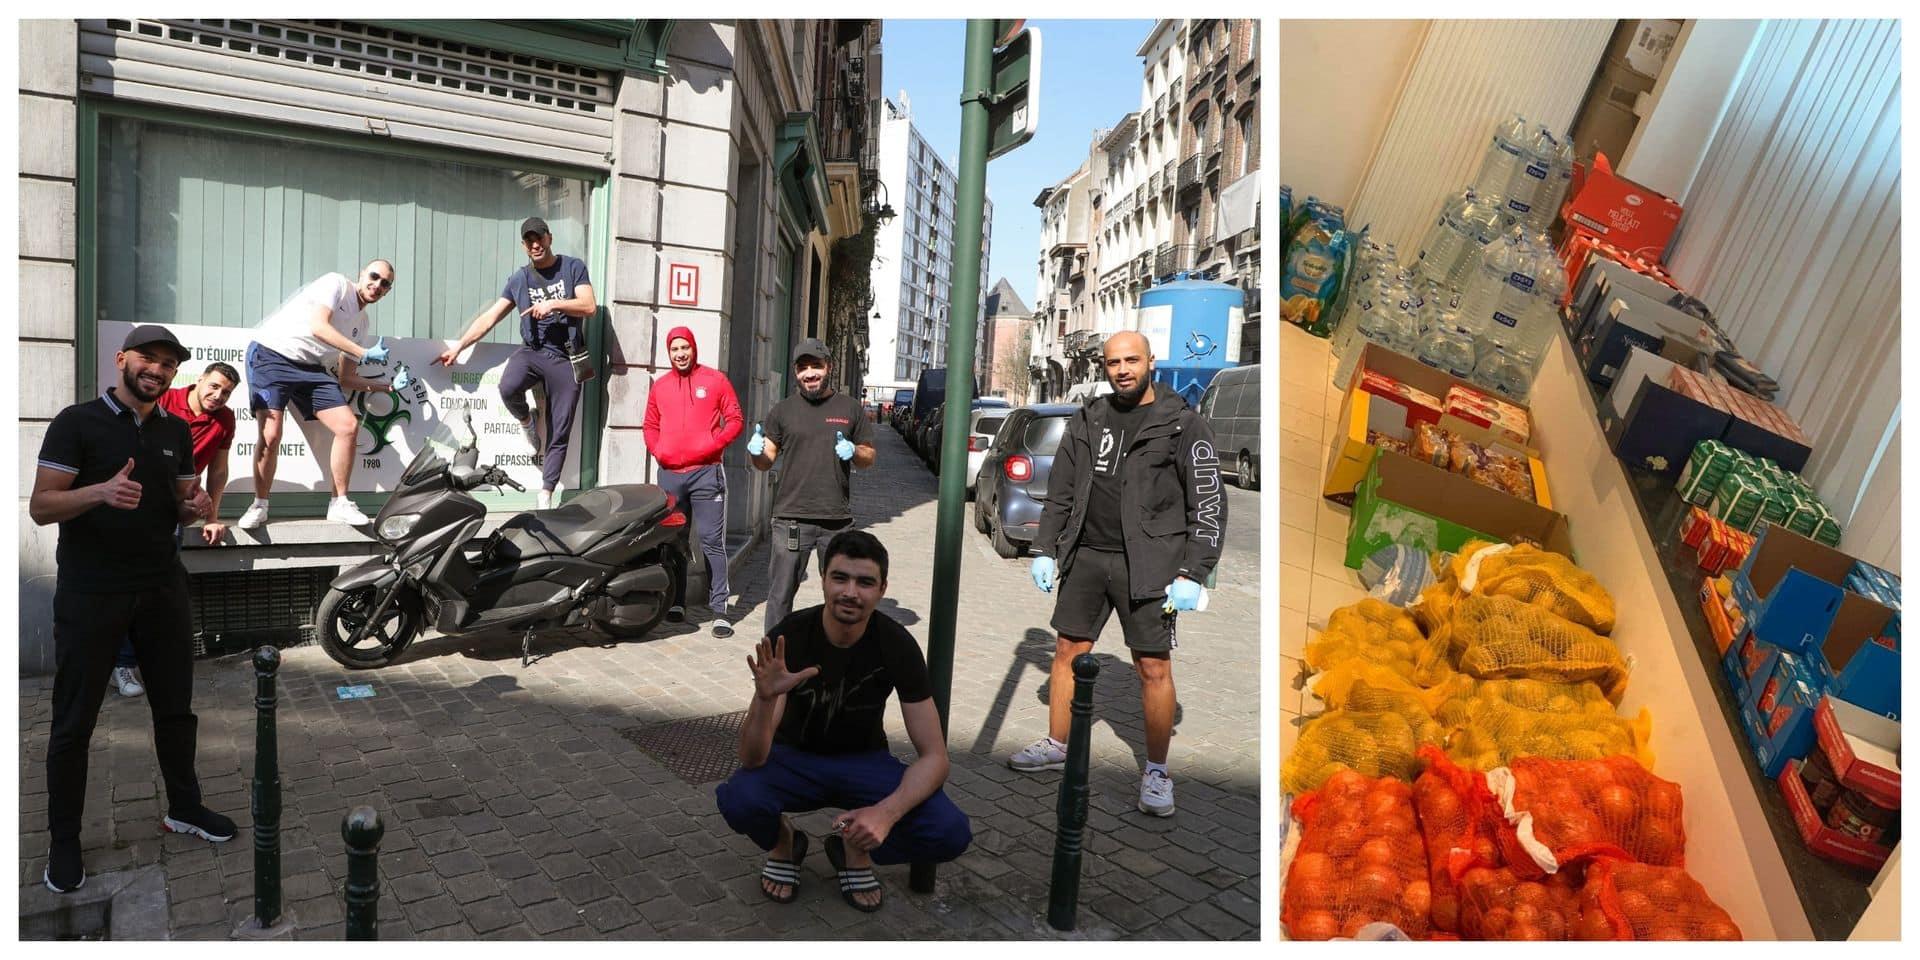 Bilal, Hamza et Mohamed distribuent des vivres aux Bruxellois dans le besoin